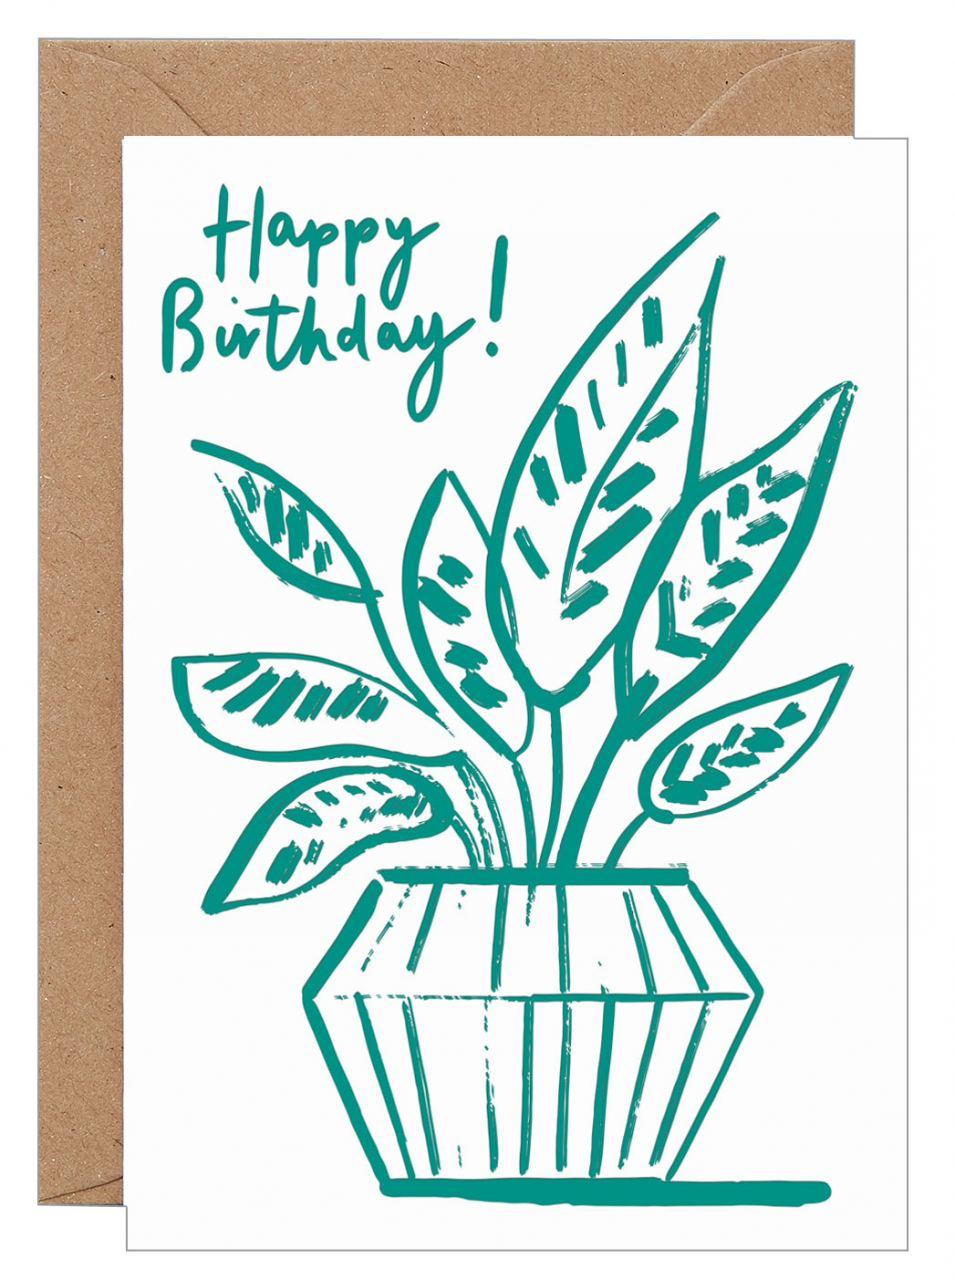 Happy Birthday Prayer Leaf Klappkarte (Letterpress)